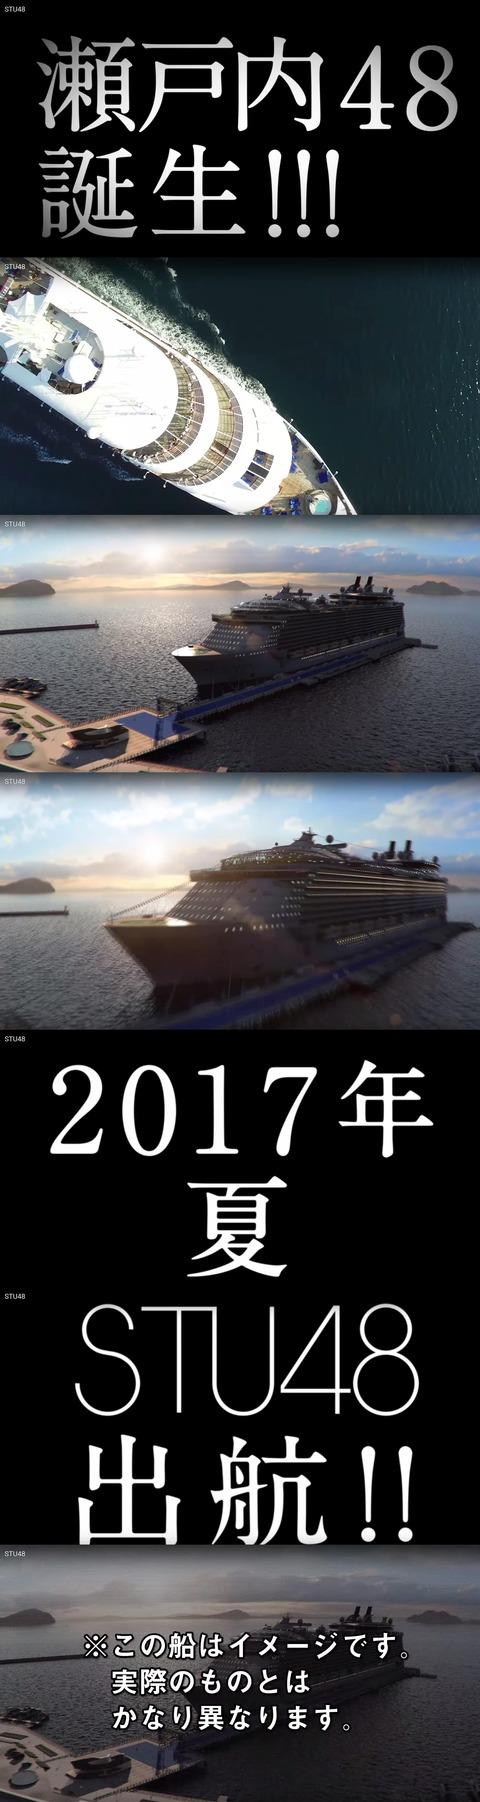 【STU48】船上劇場の理想と現実の差がエグ過ぎる・・・